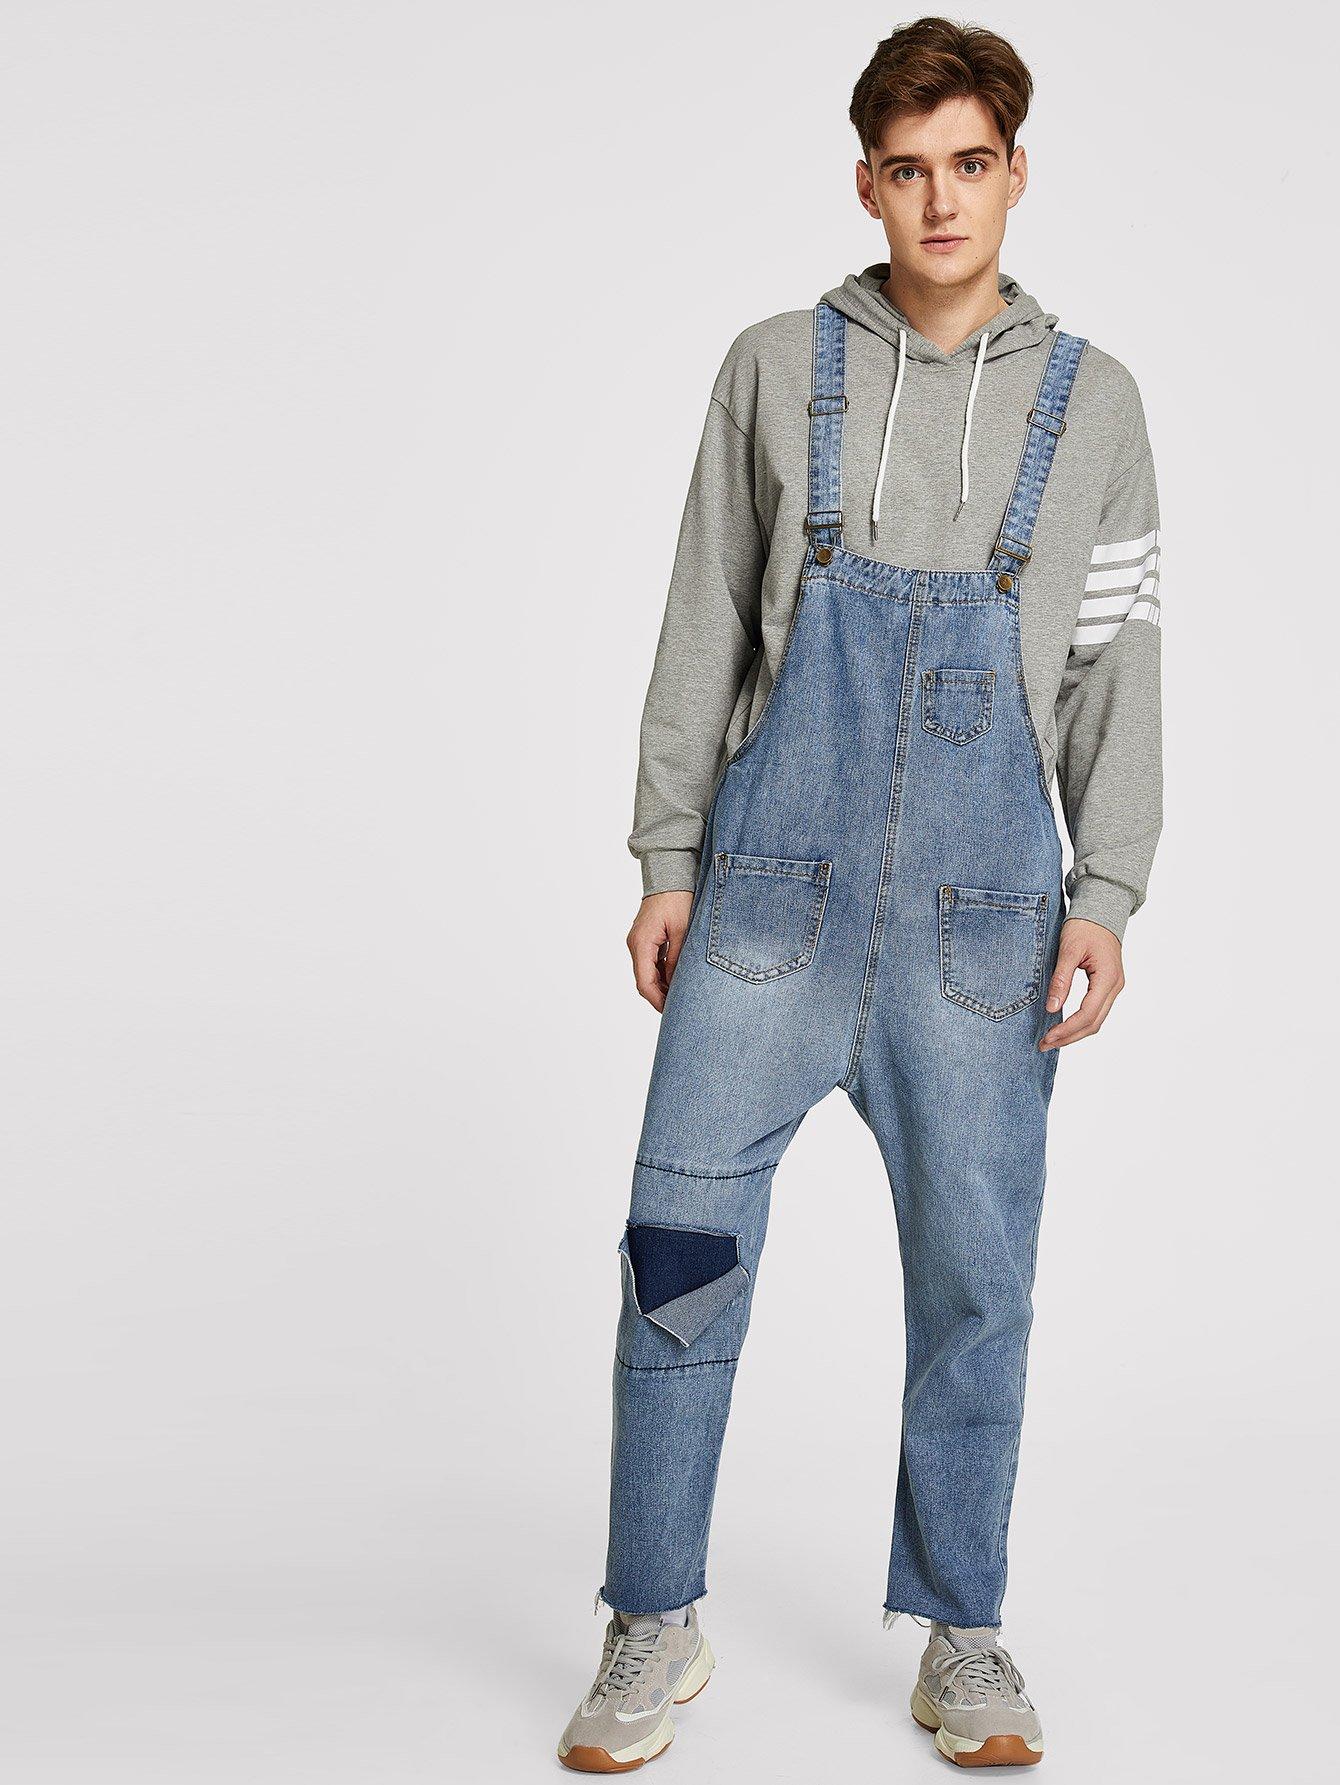 Купить Мужский рваный джинсовый комбинезон с карманами, null, SheIn